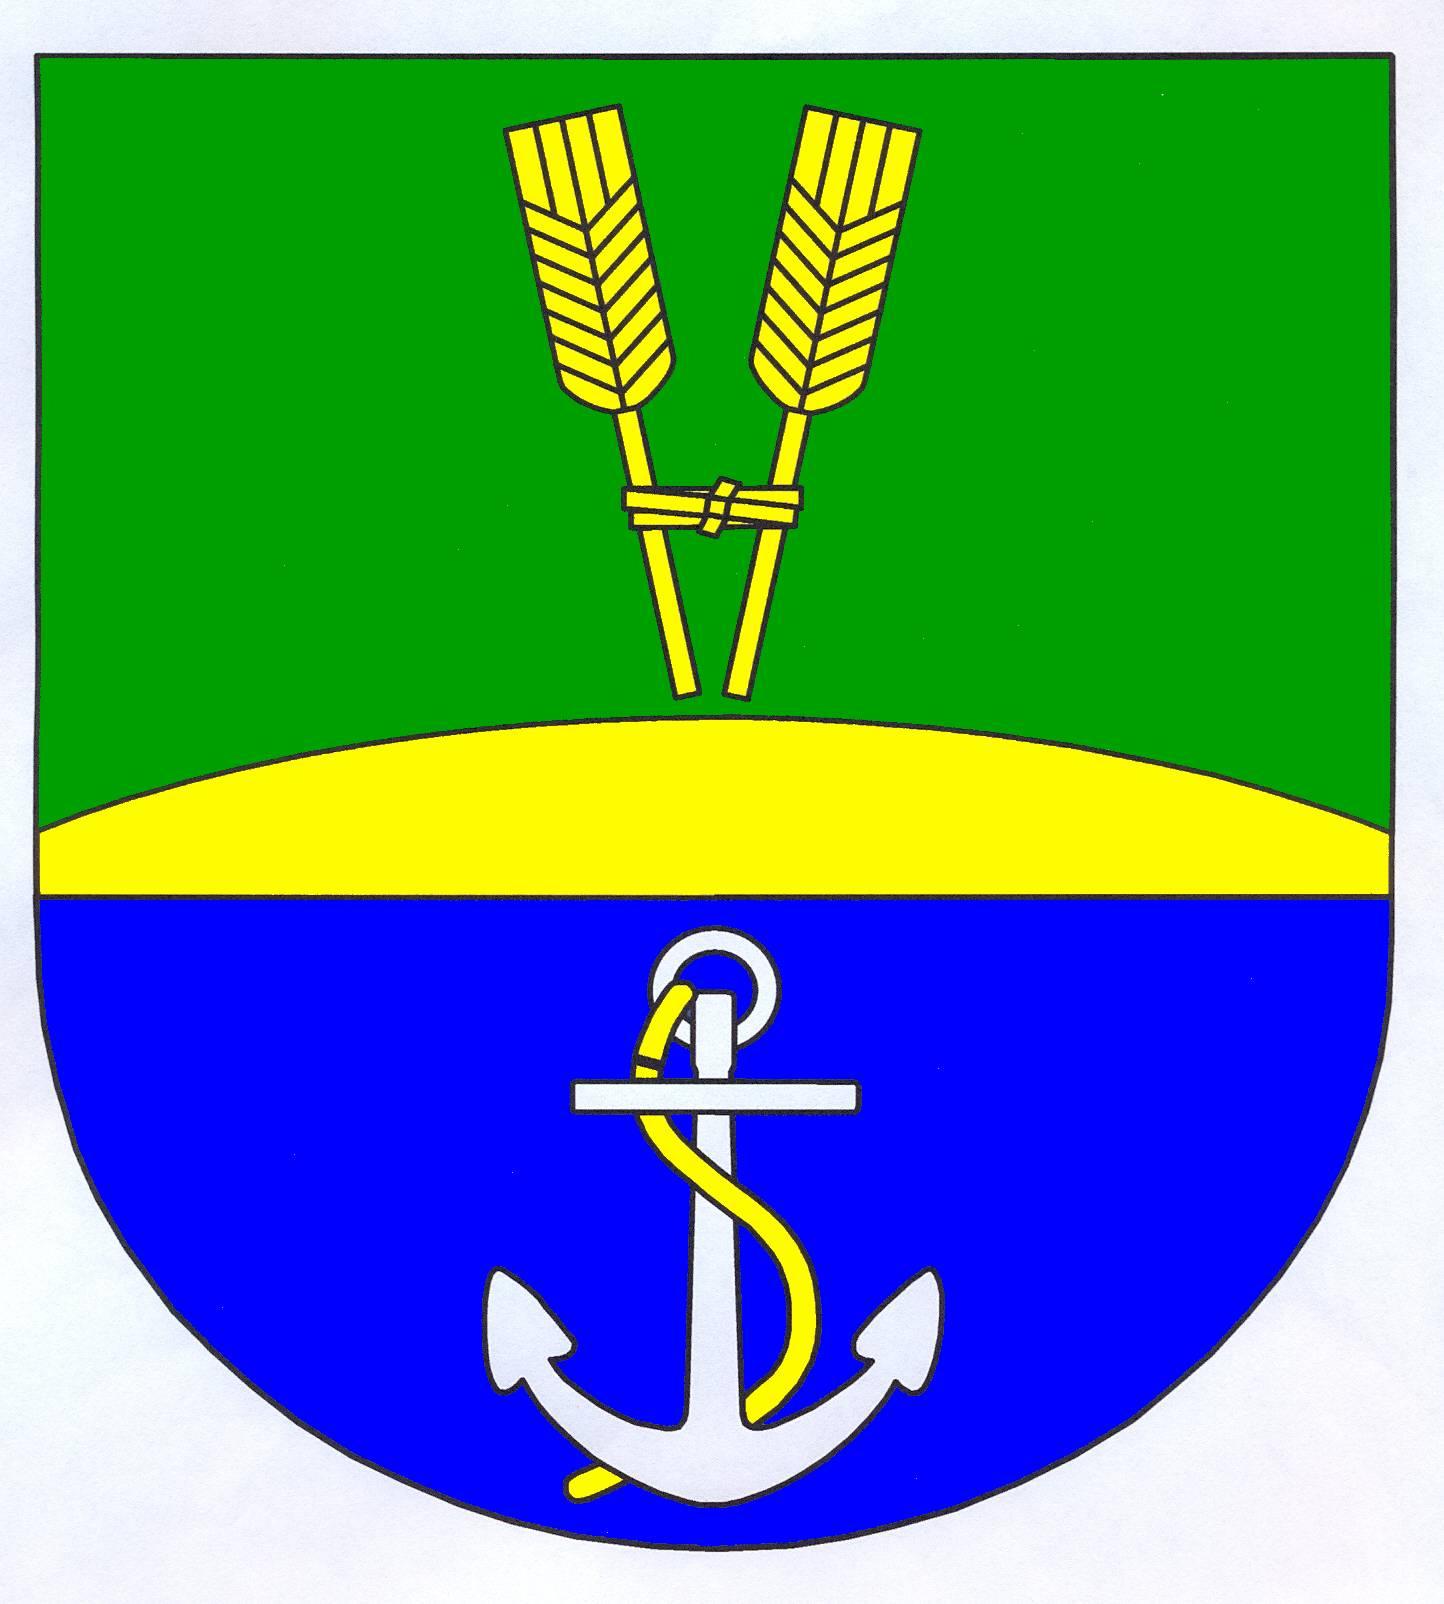 Wappen GemeindeKollmar, Kreis Steinburg